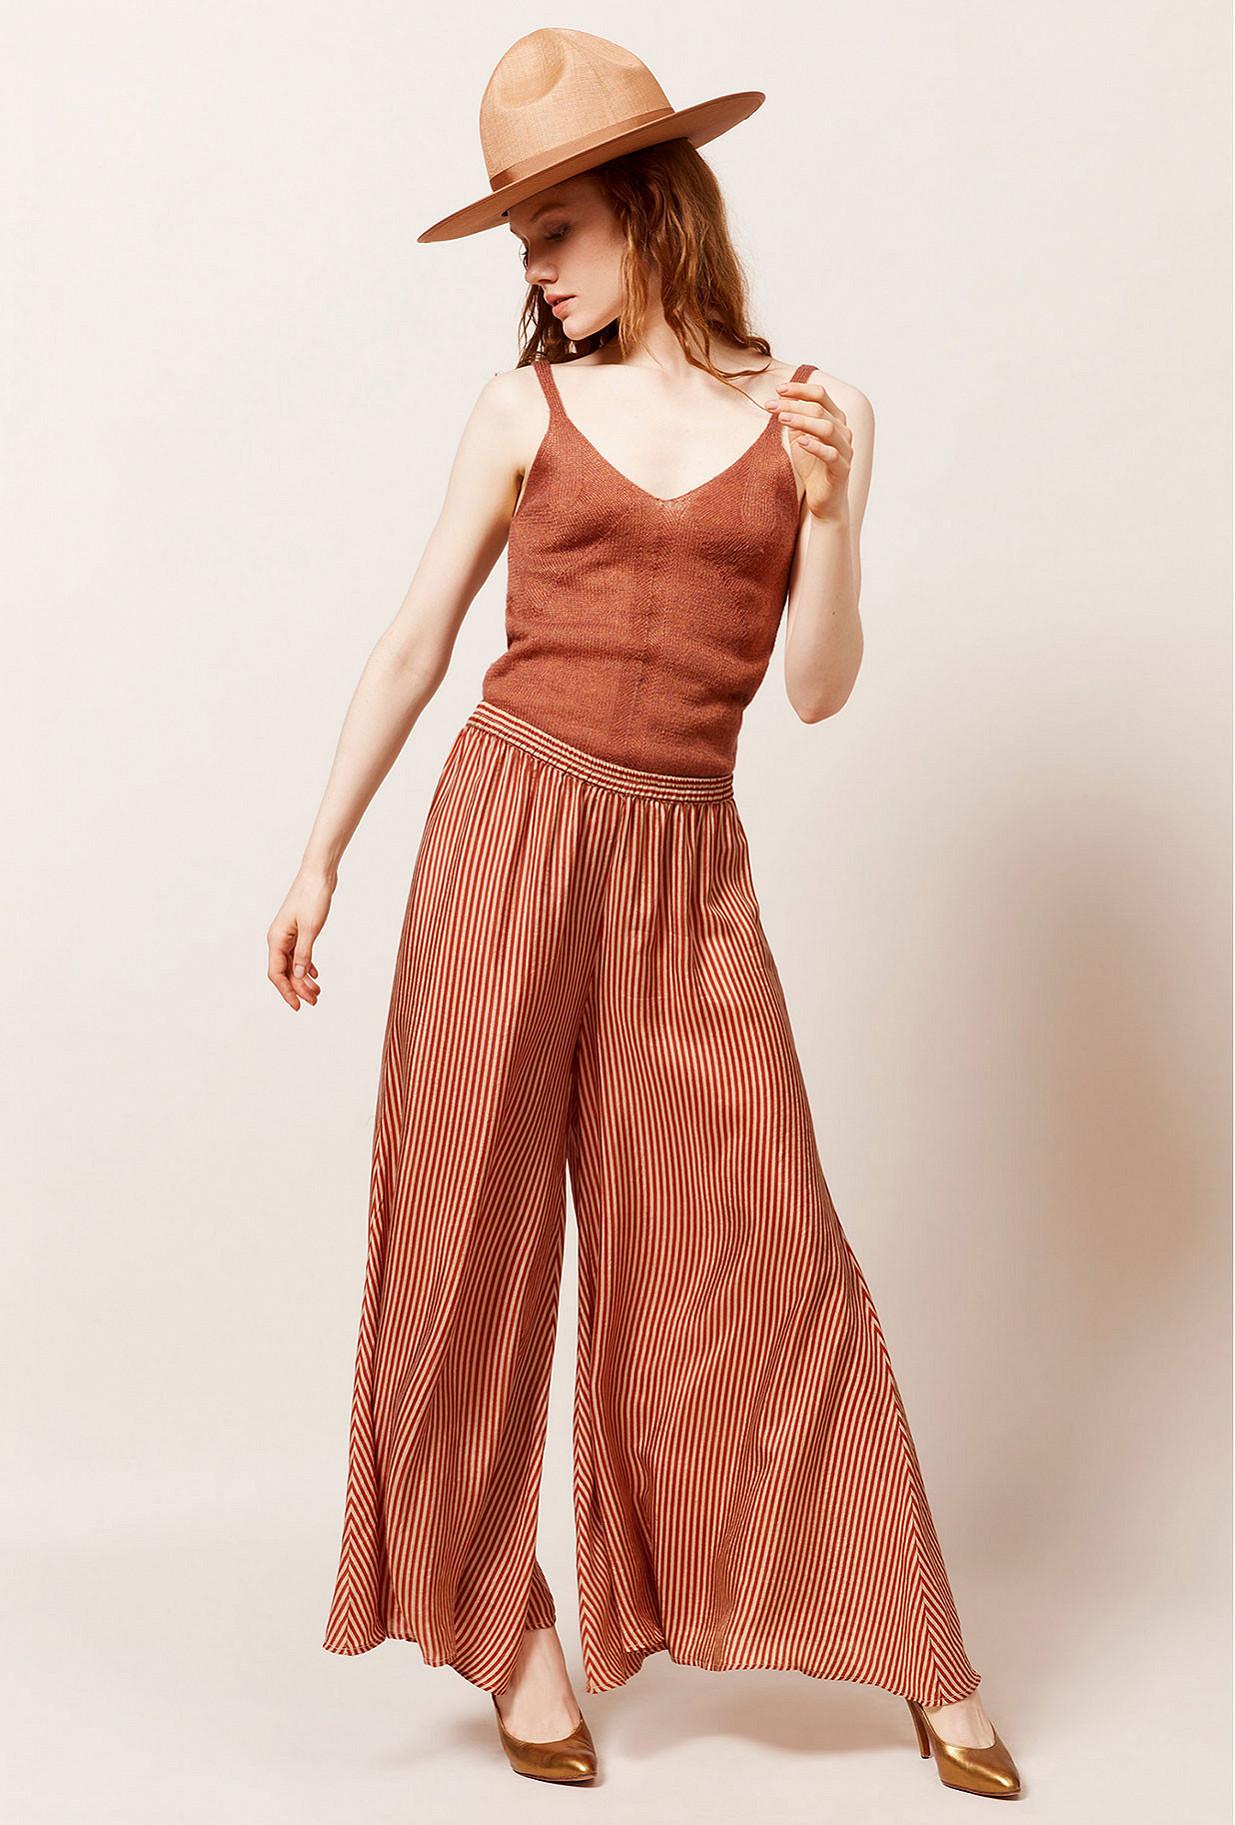 Paris boutique de mode vêtement Pantalon créateur bohème Bonny